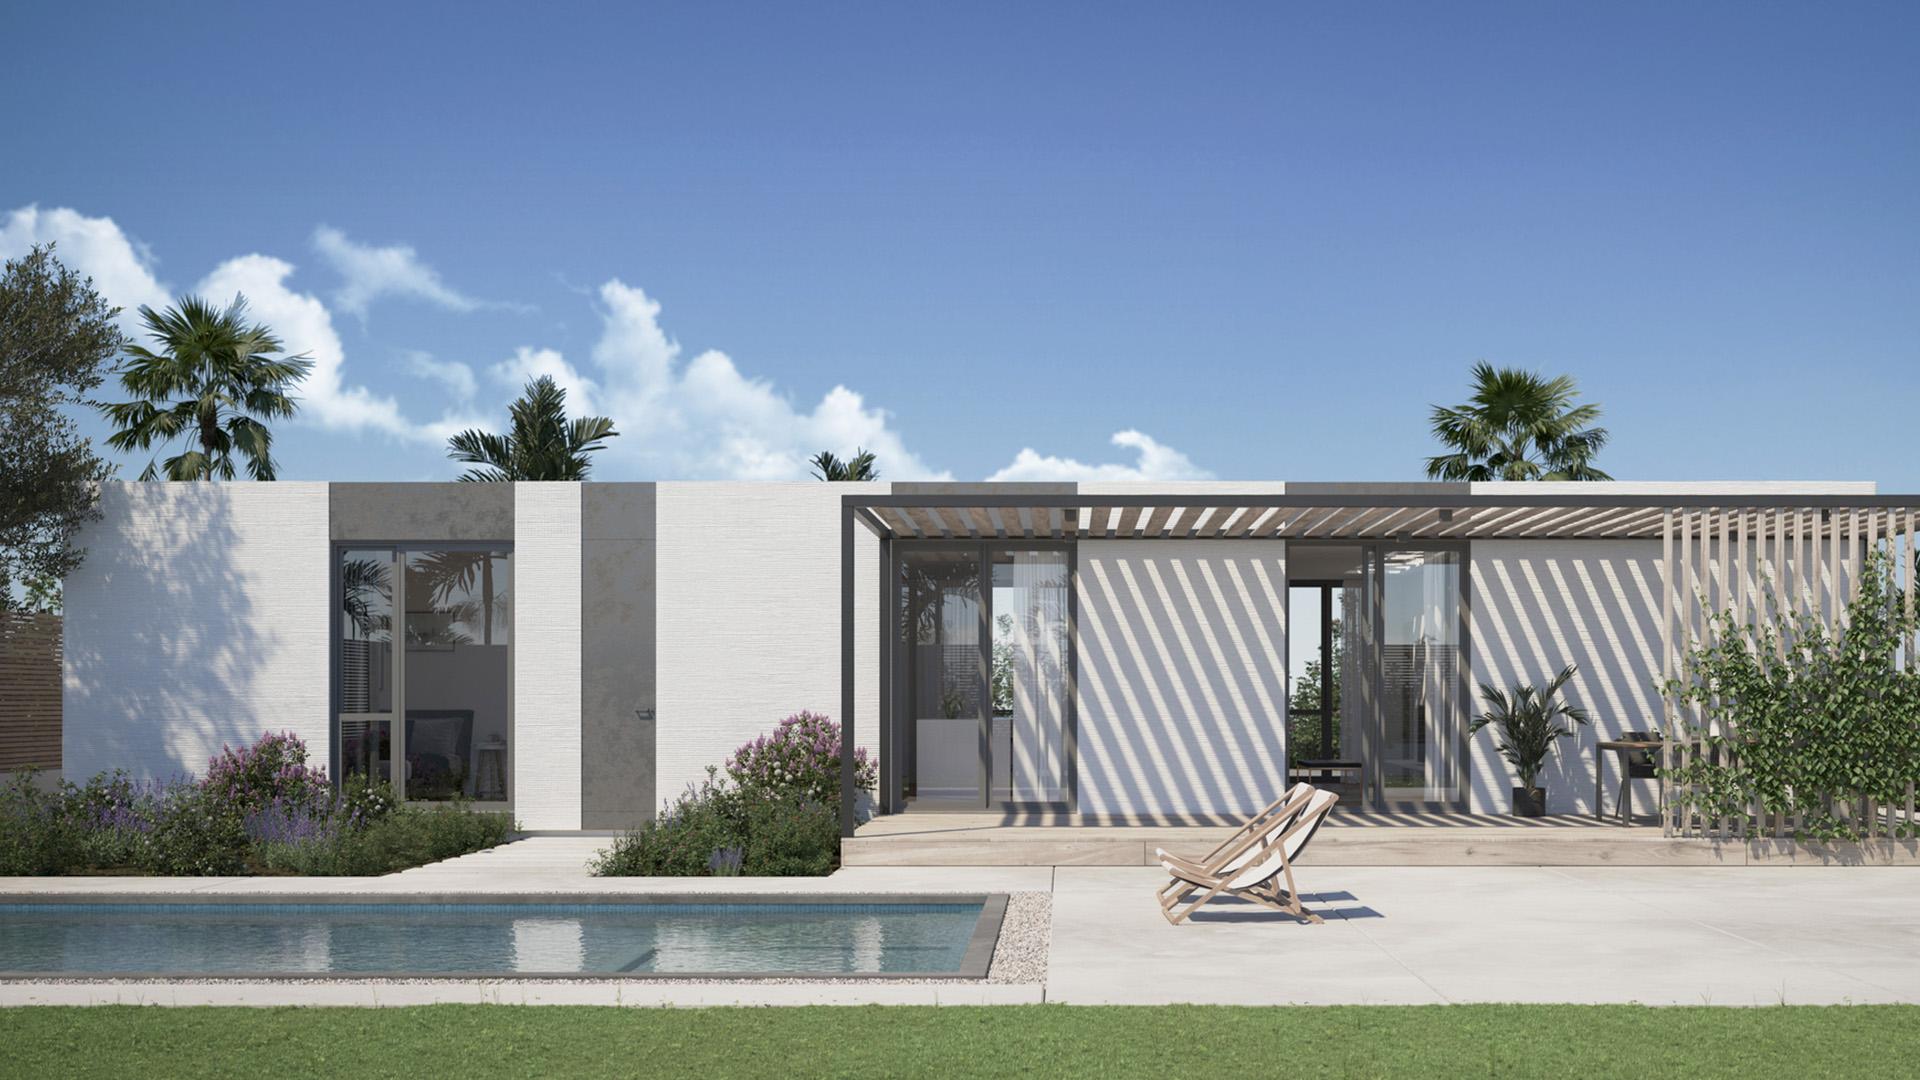 Casa del futuro in stampa 3d: architettura sostenibile con le case per tutti